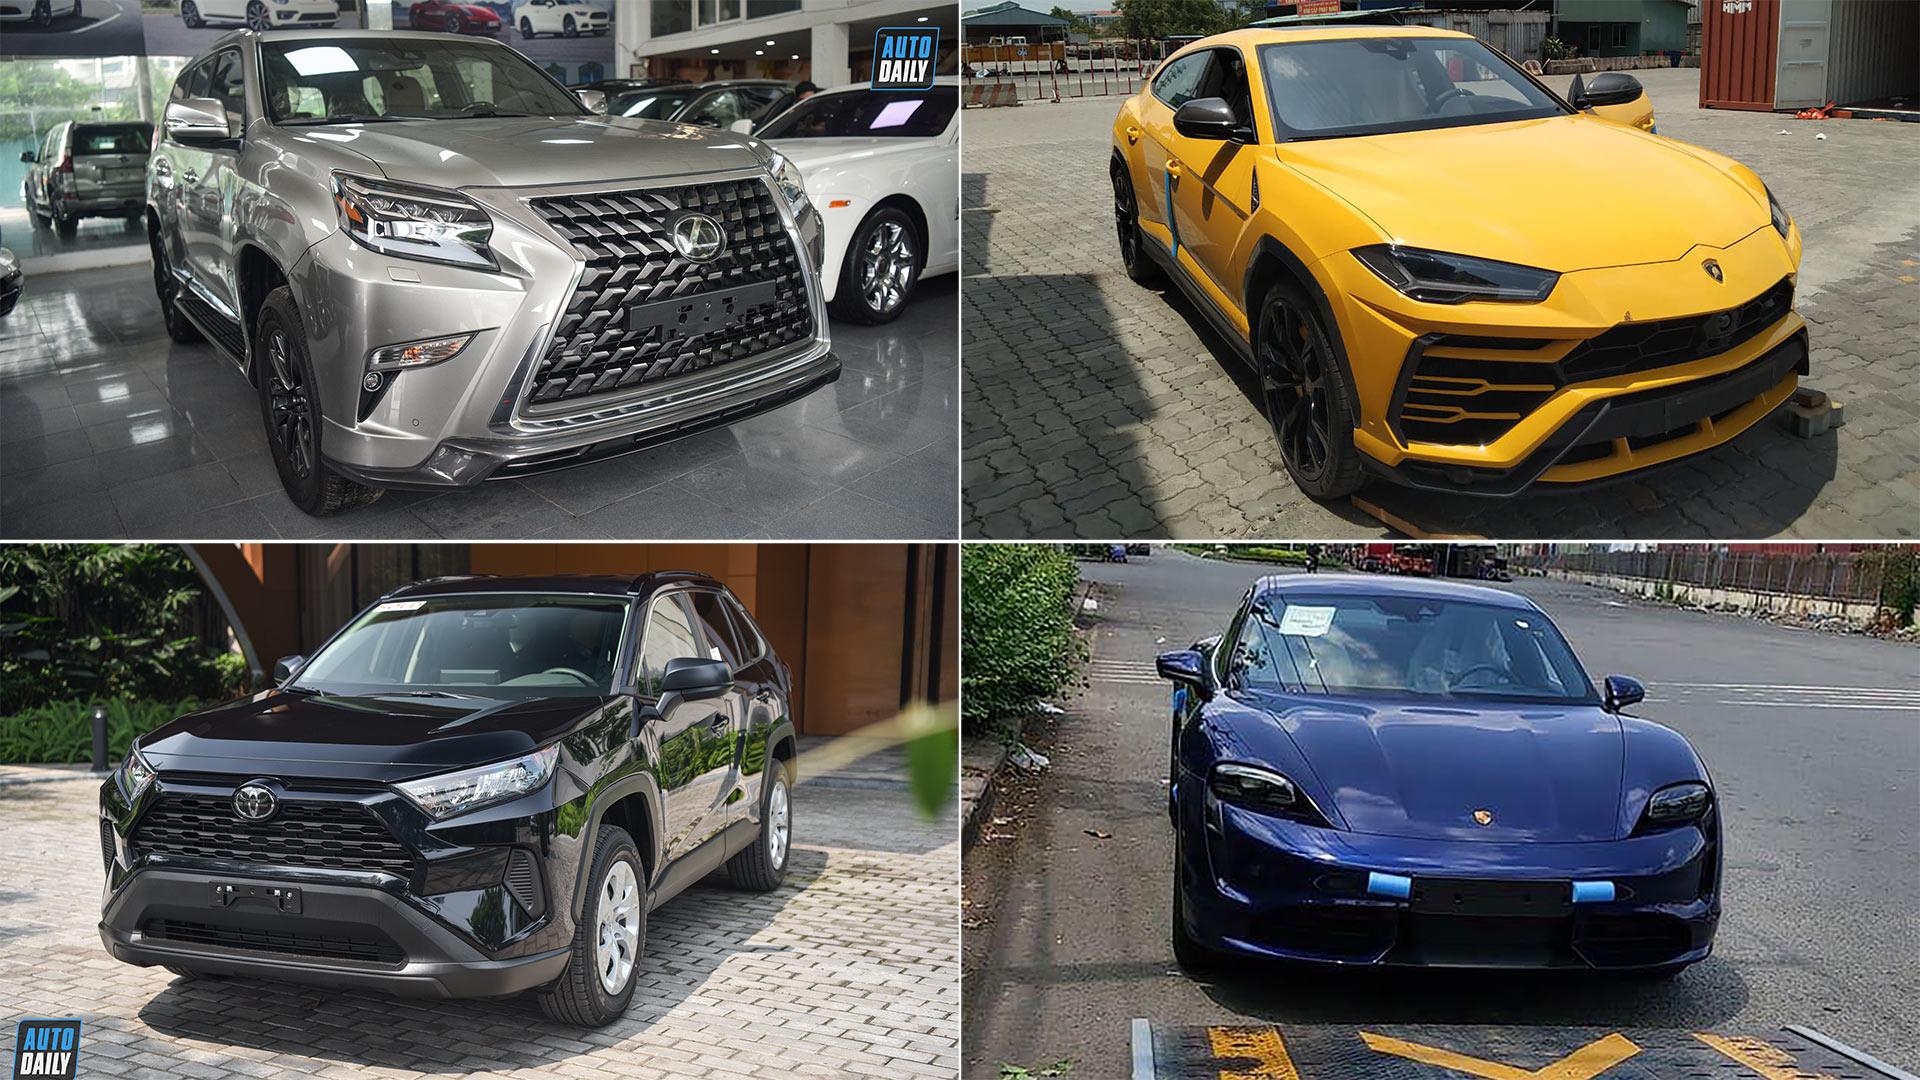 Top 5 mẫu xe hot vừa về Việt Nam - Urus 4 chỗ cực độc, RAV4 giá cao hơn GLC300